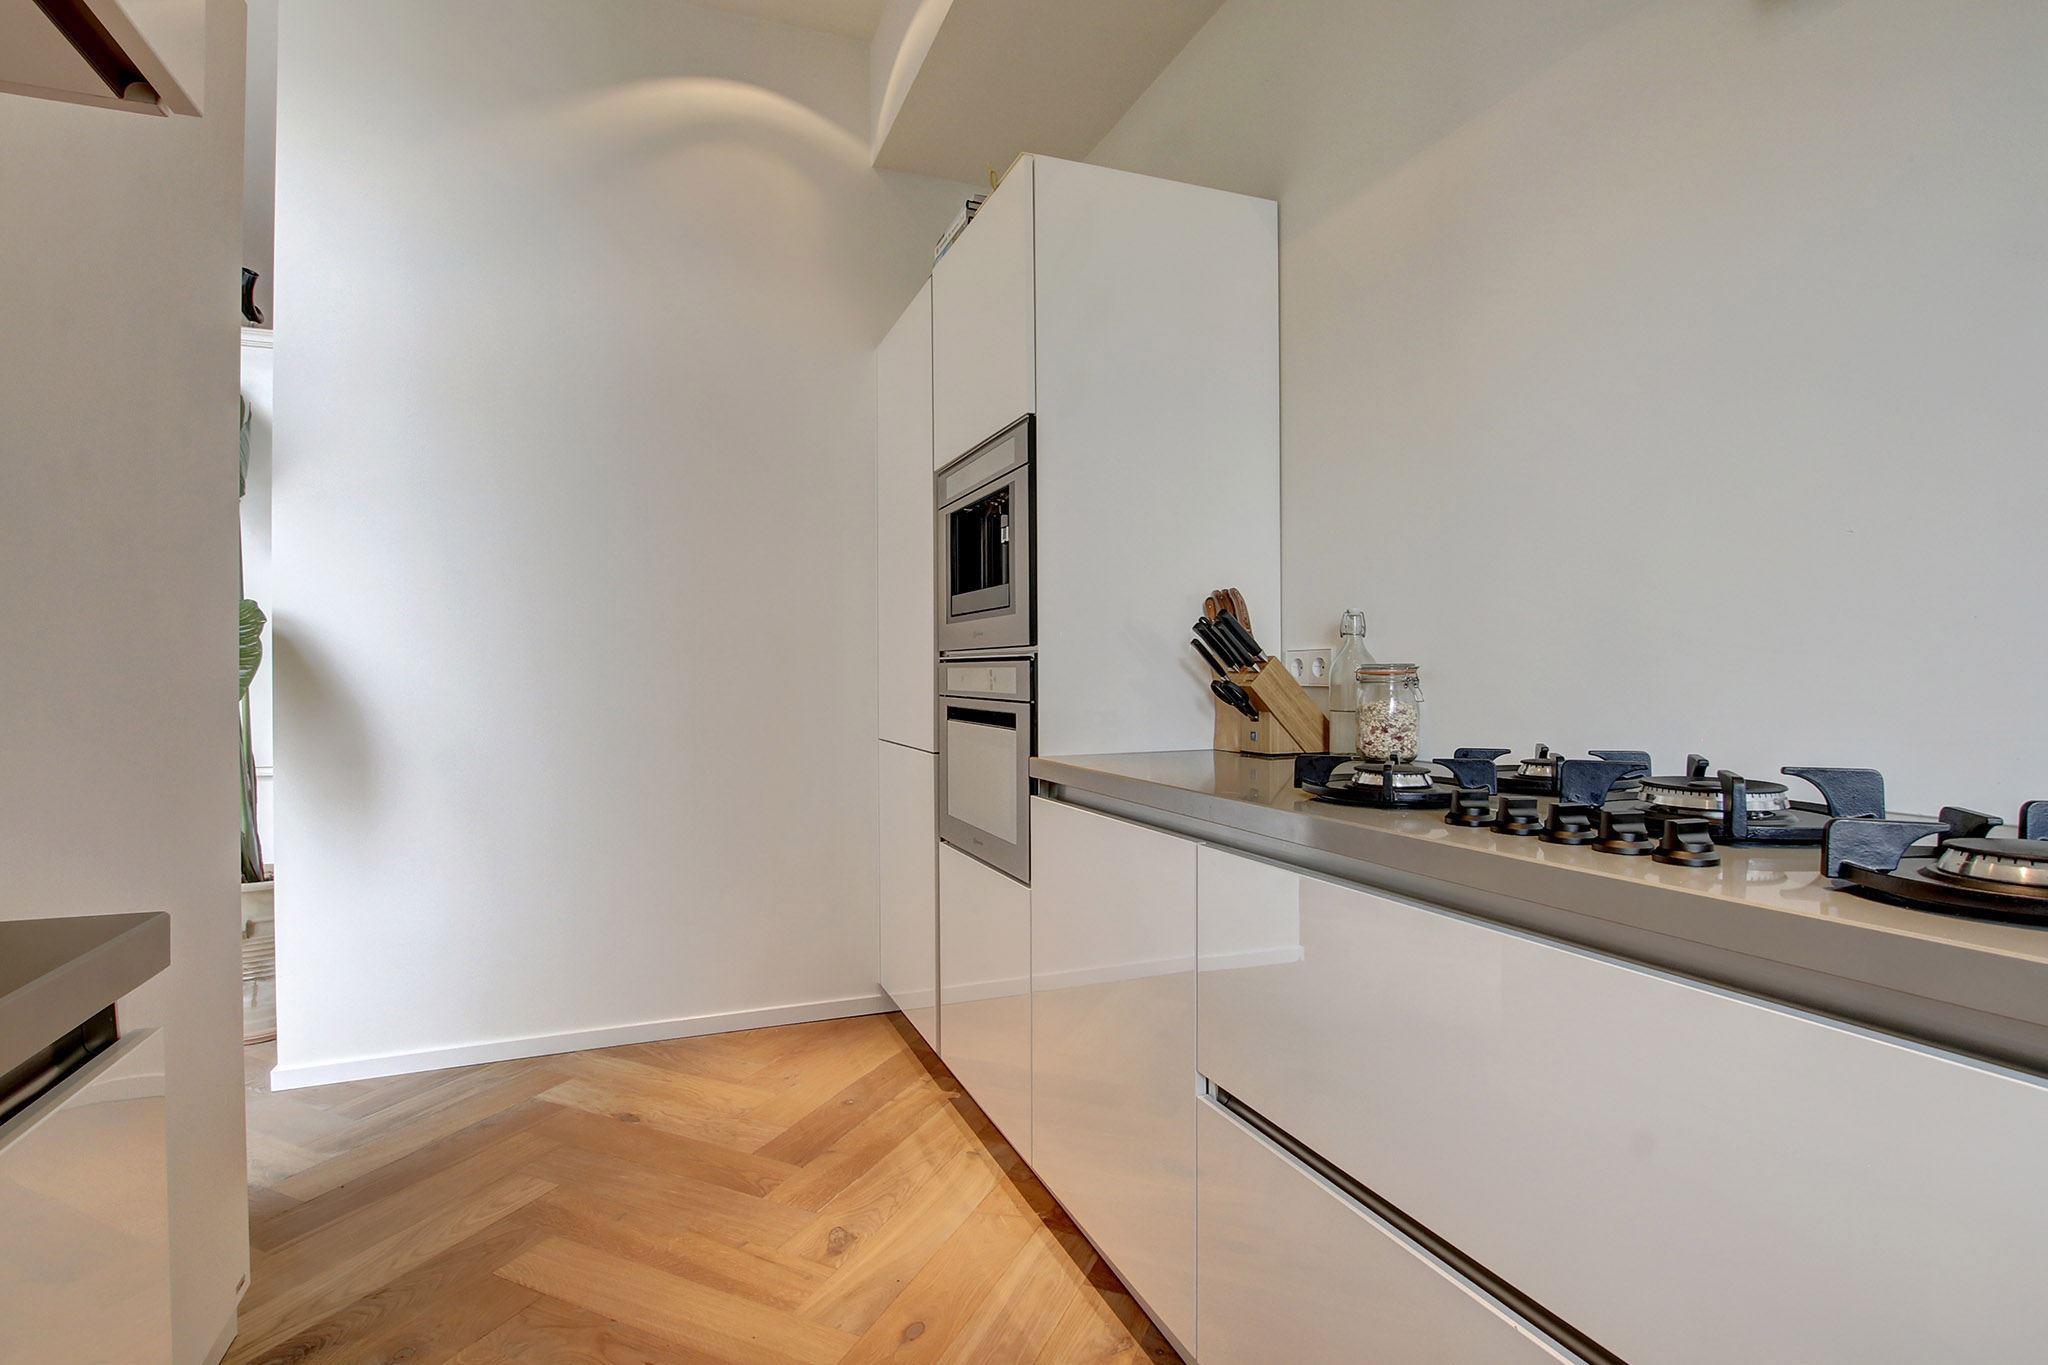 кухня белые глянцевые фасады паркет елочка